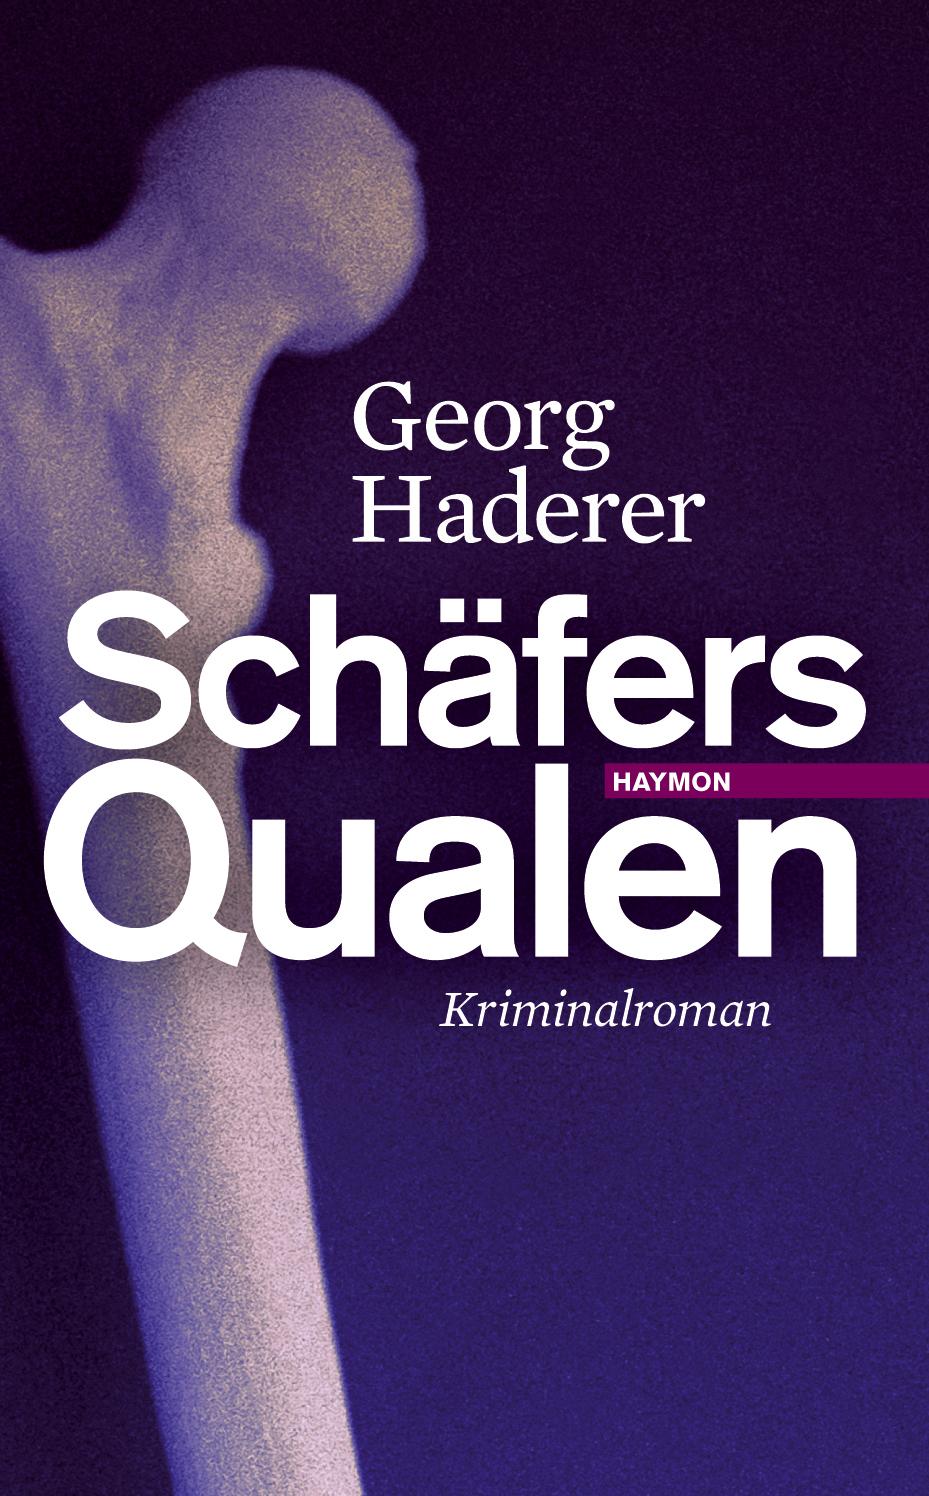 Schäfers Qualen. Kriminalroman - Georg Haderer